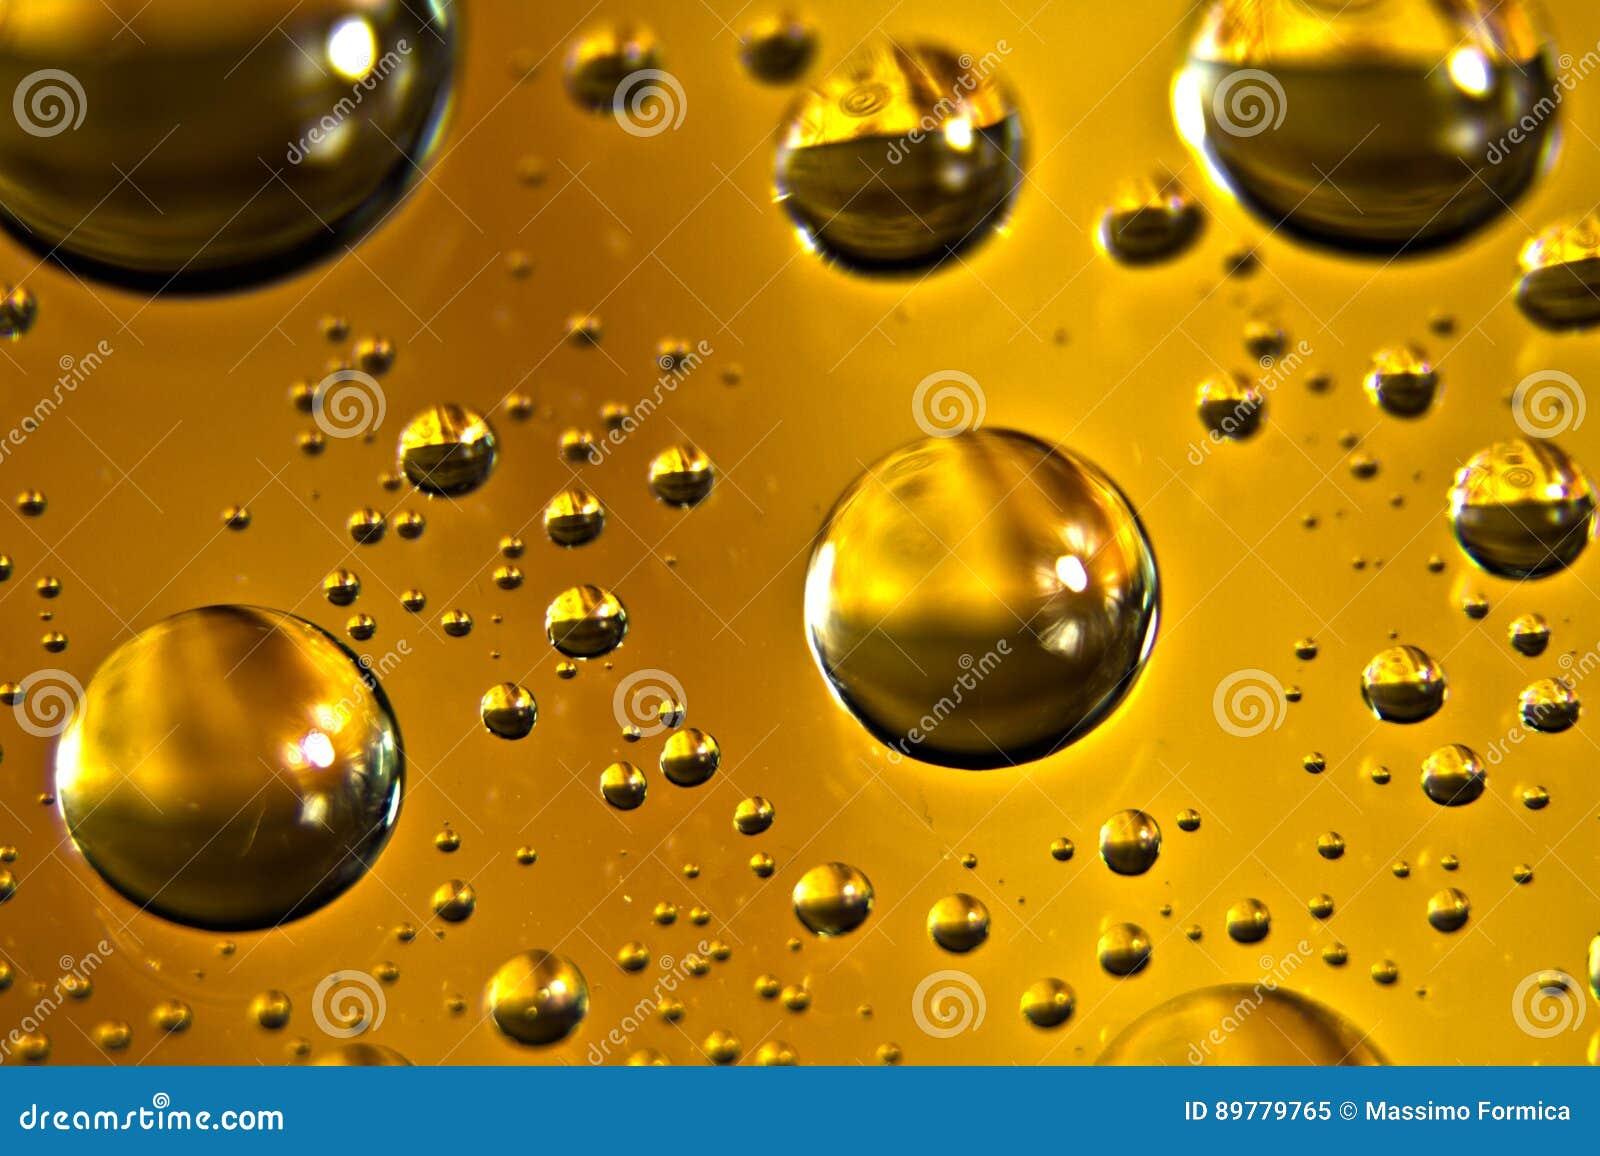 Limpie las burbujas del aceite de motor